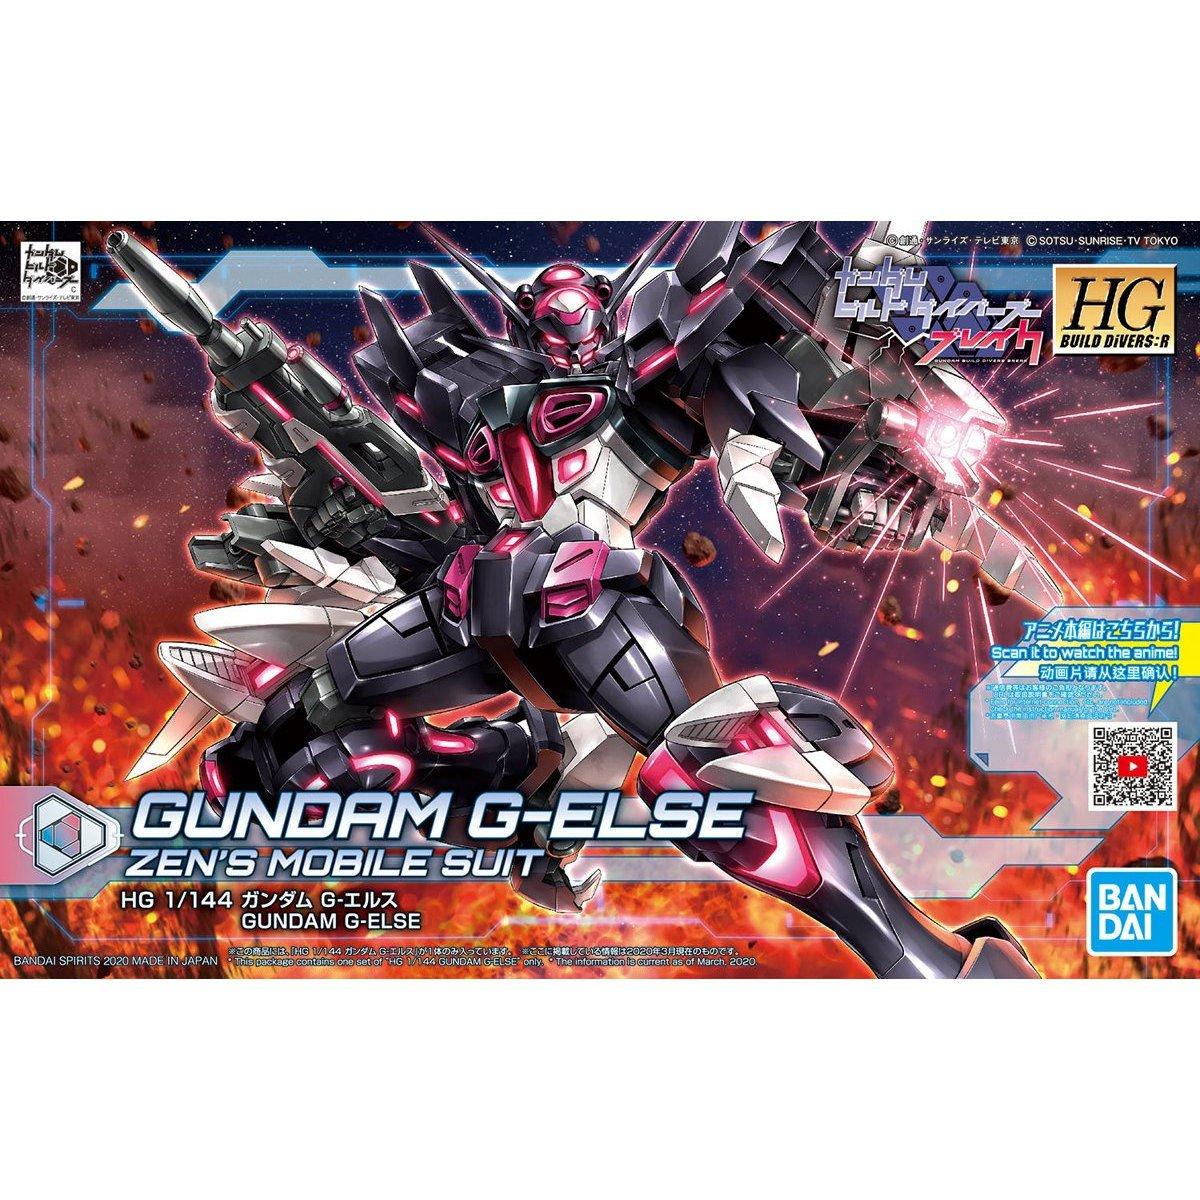 鋼彈gundam組合模型 HGBD:R 1/144 創鬥者潛網大戰Re:RISE #020 G-他者鋼彈